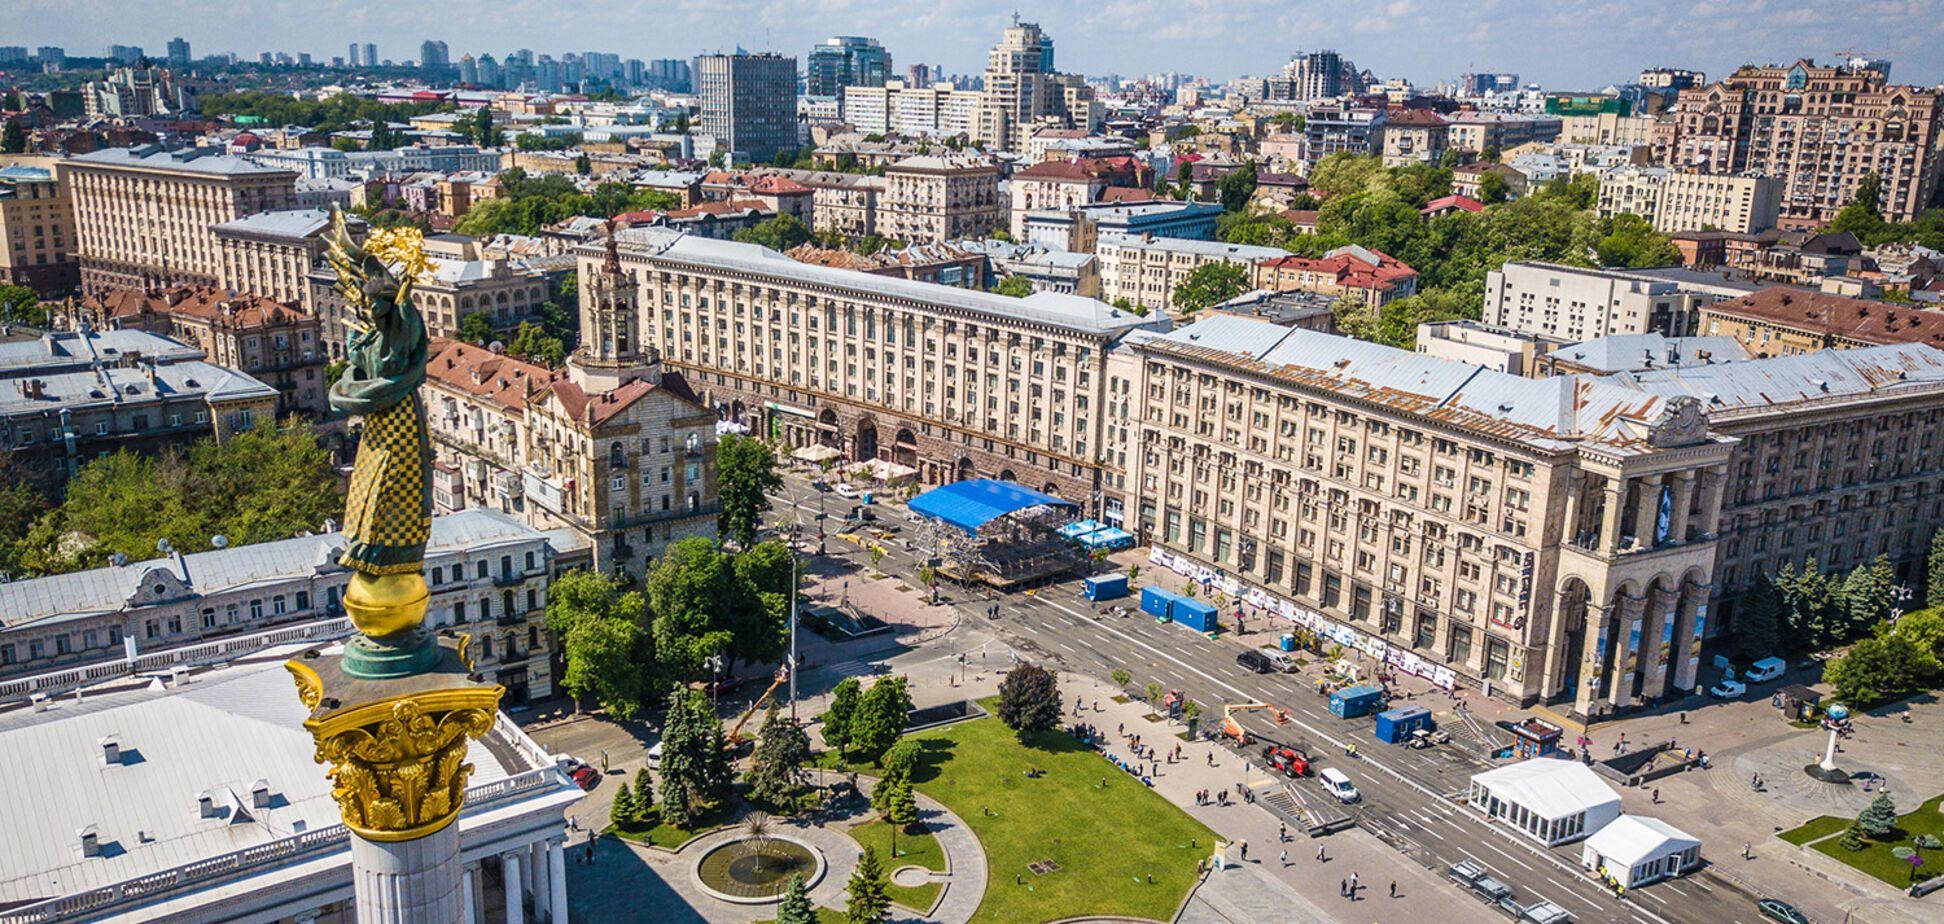 Як в Києві 'росте' фан-зона до фіналу Ліги чемпіонів: відео з висоти